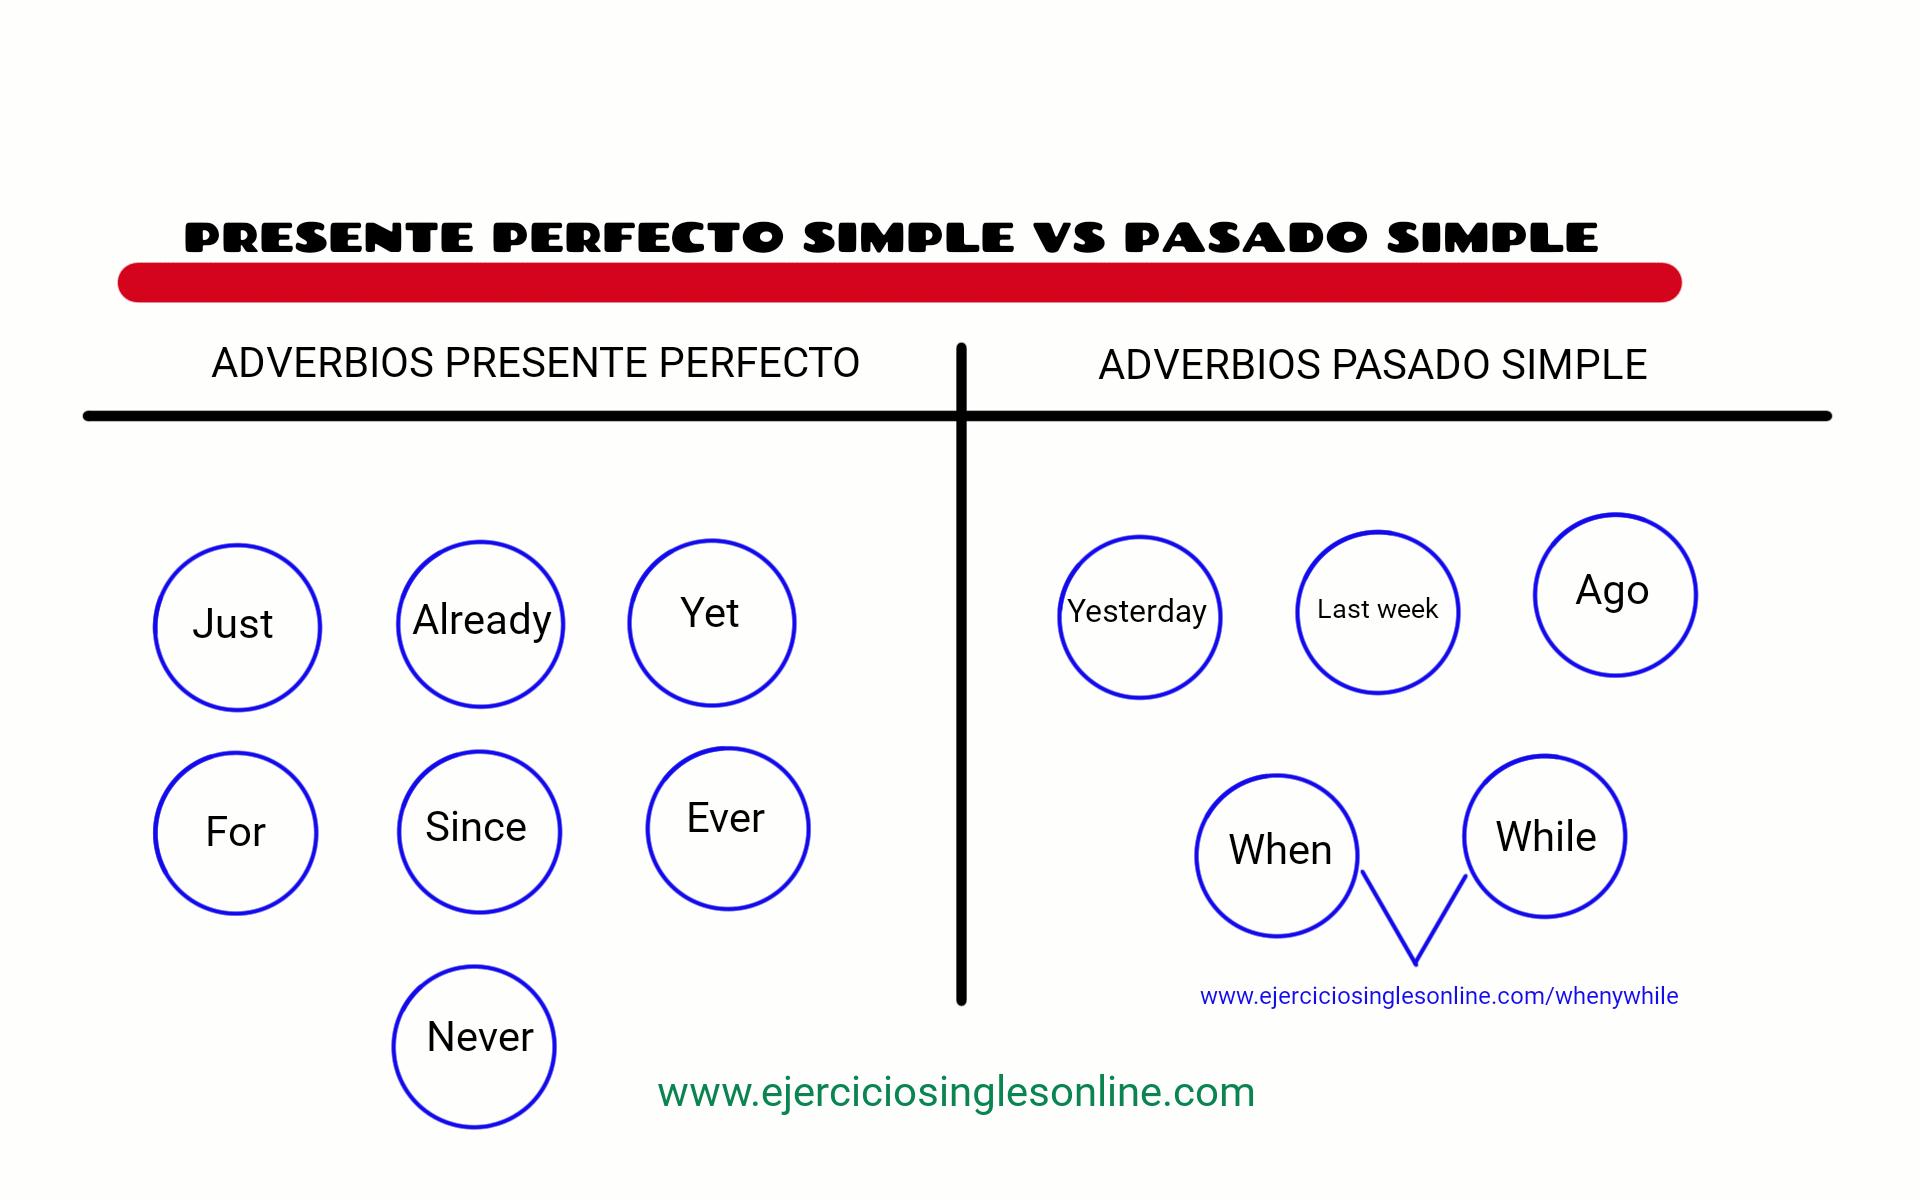 Presente perfecto simple vs pasado simple - Ejercicio 11